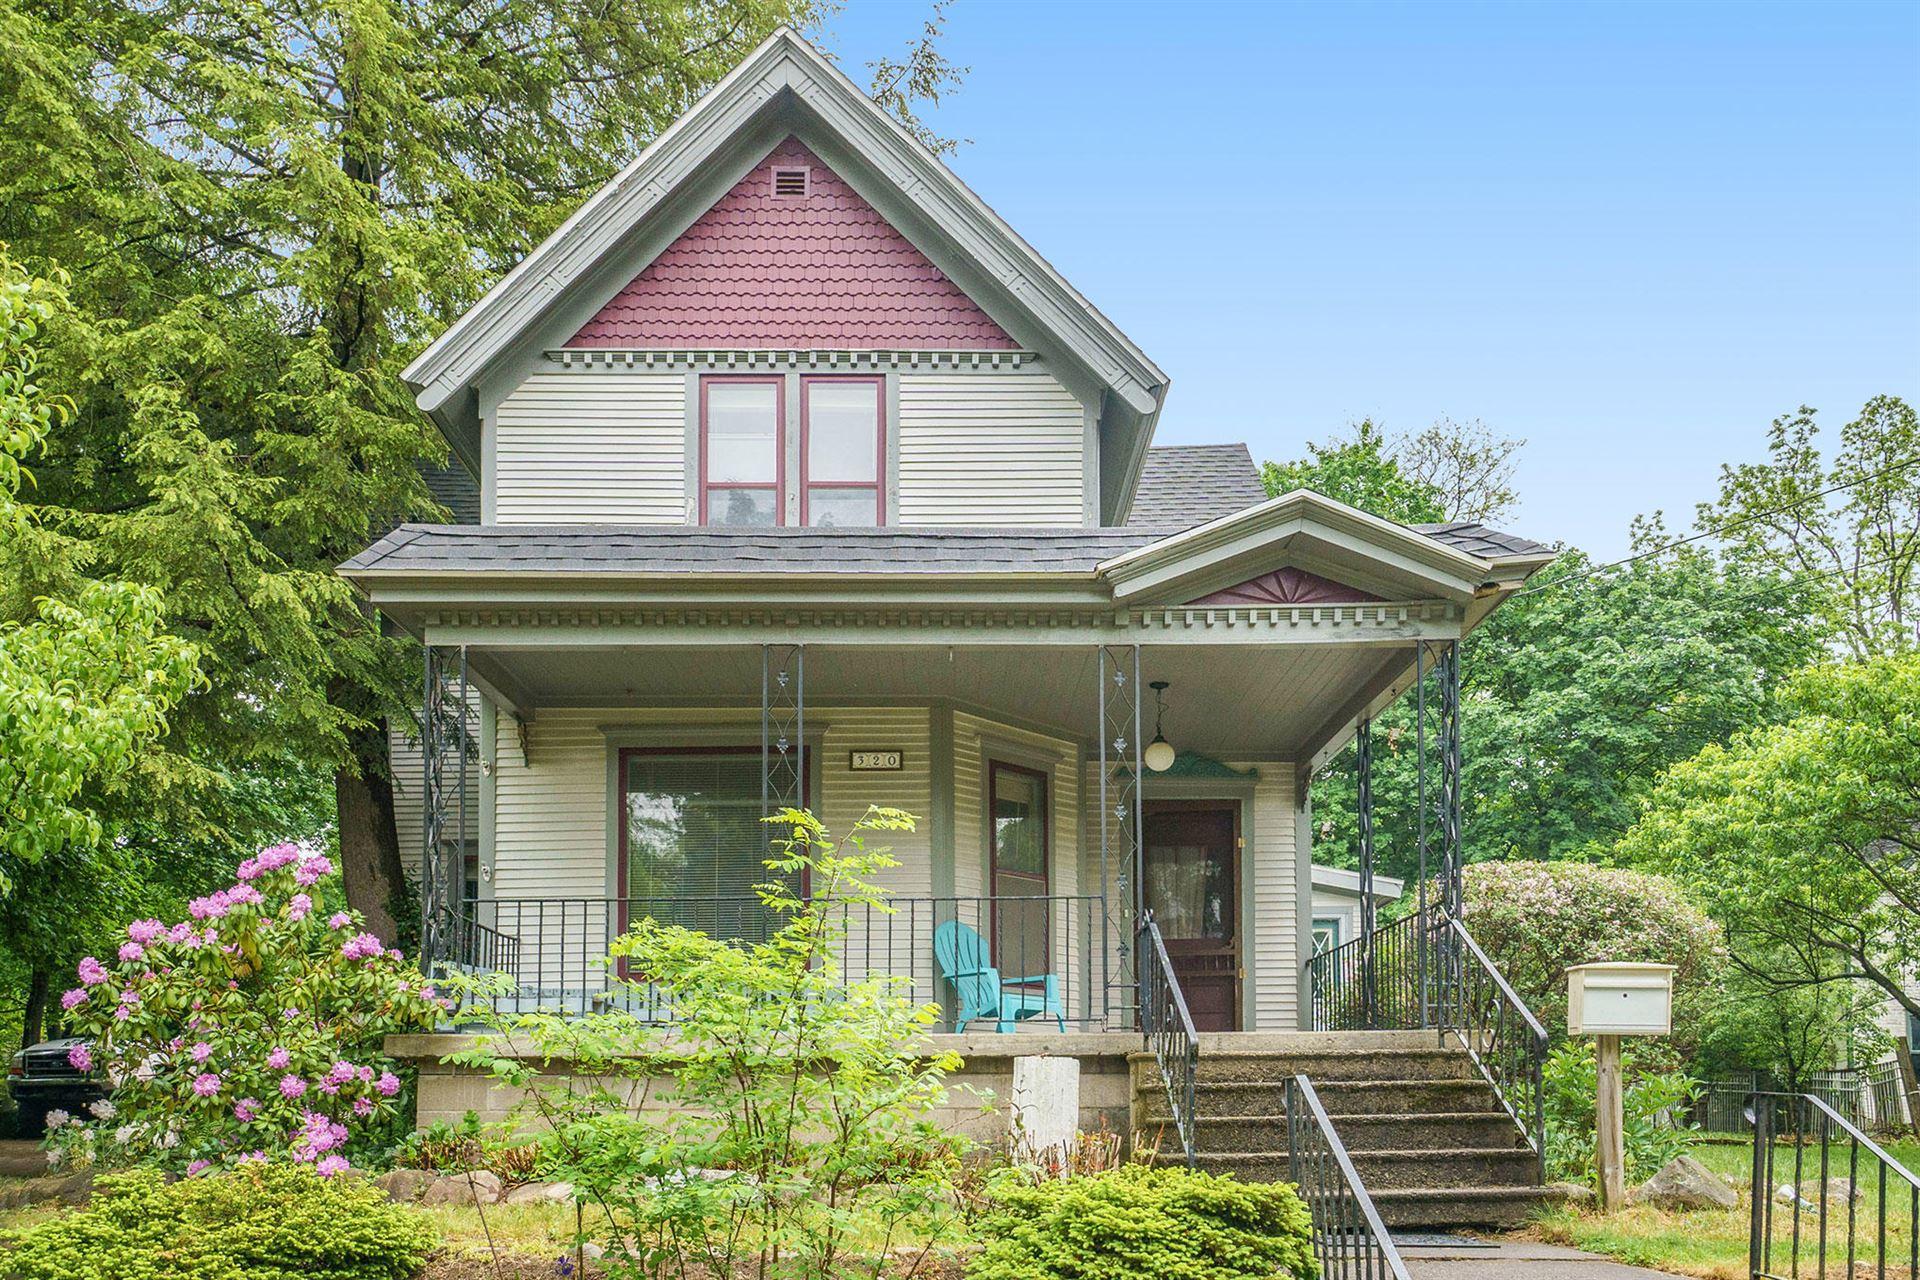 320 N Mulberry Street, Marshall, MI 49068 - MLS#: 21019534